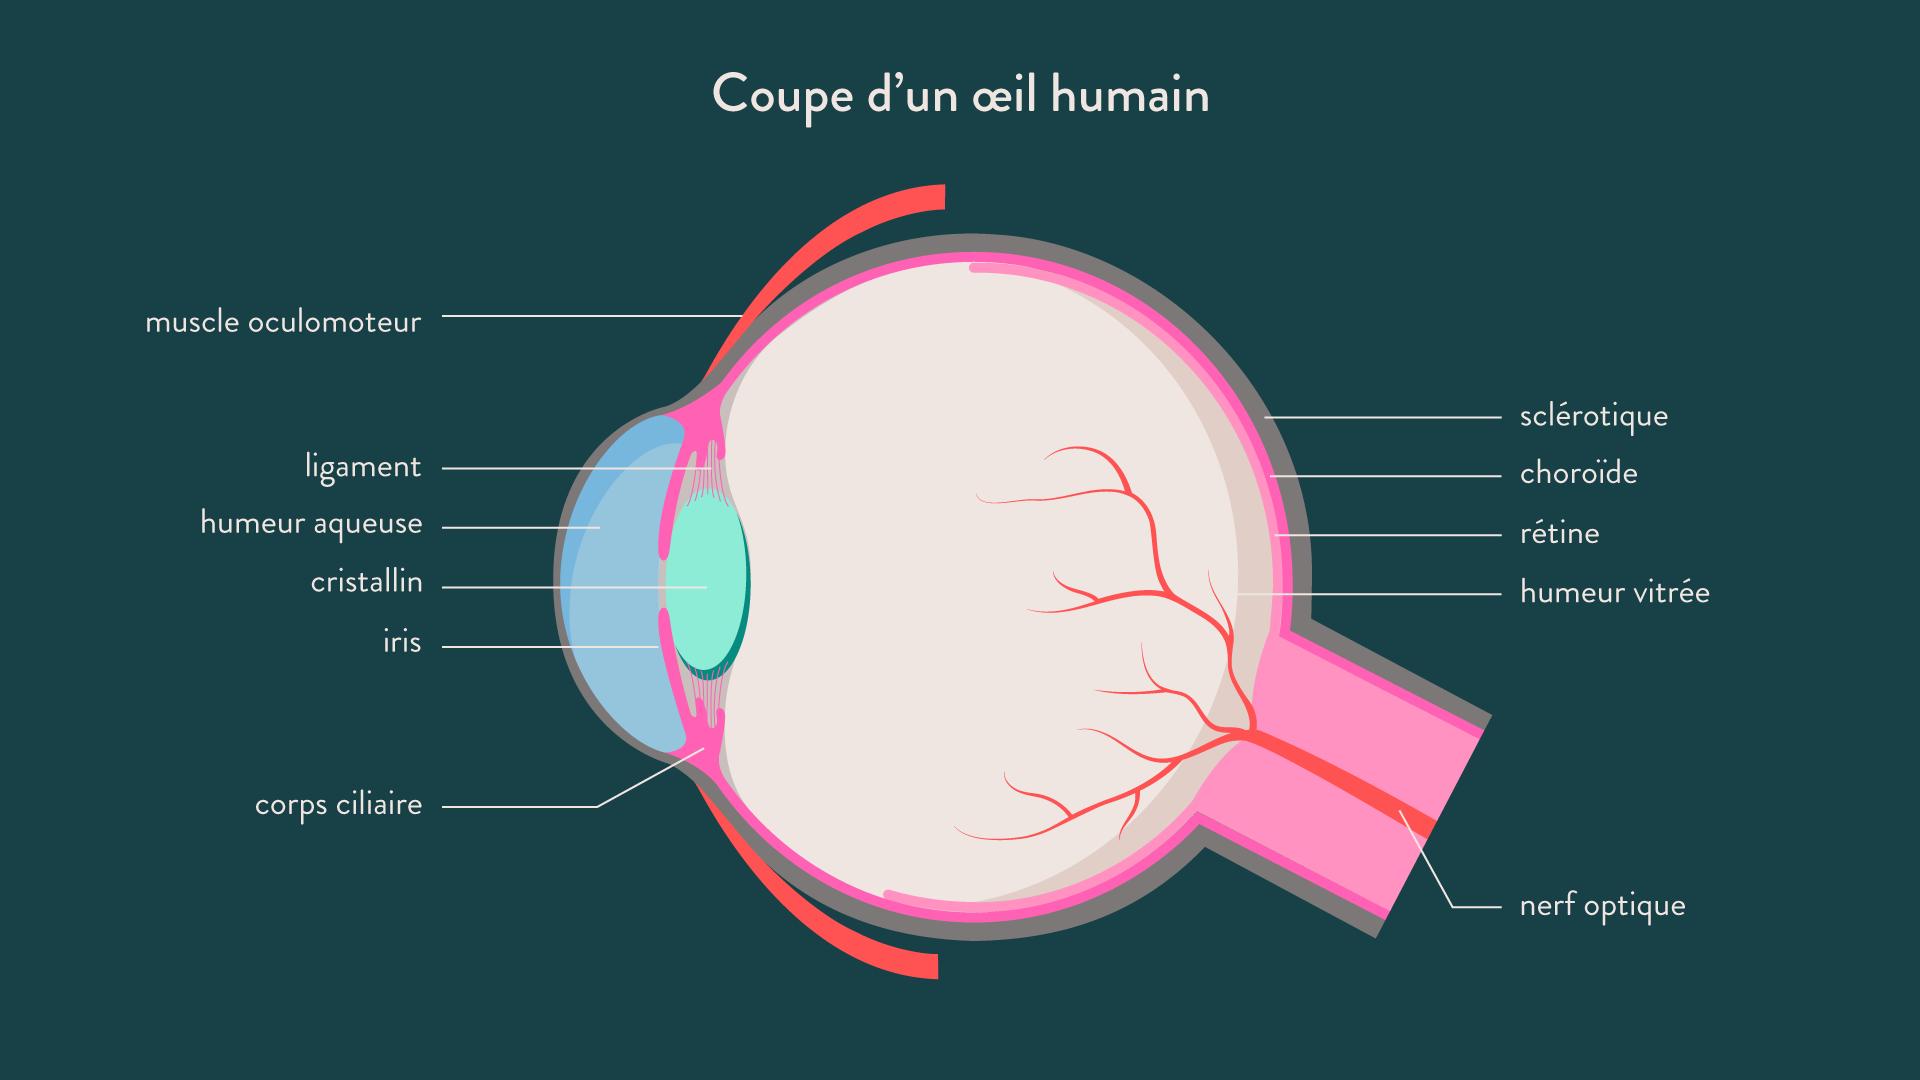 Coupe d'un oeil humain